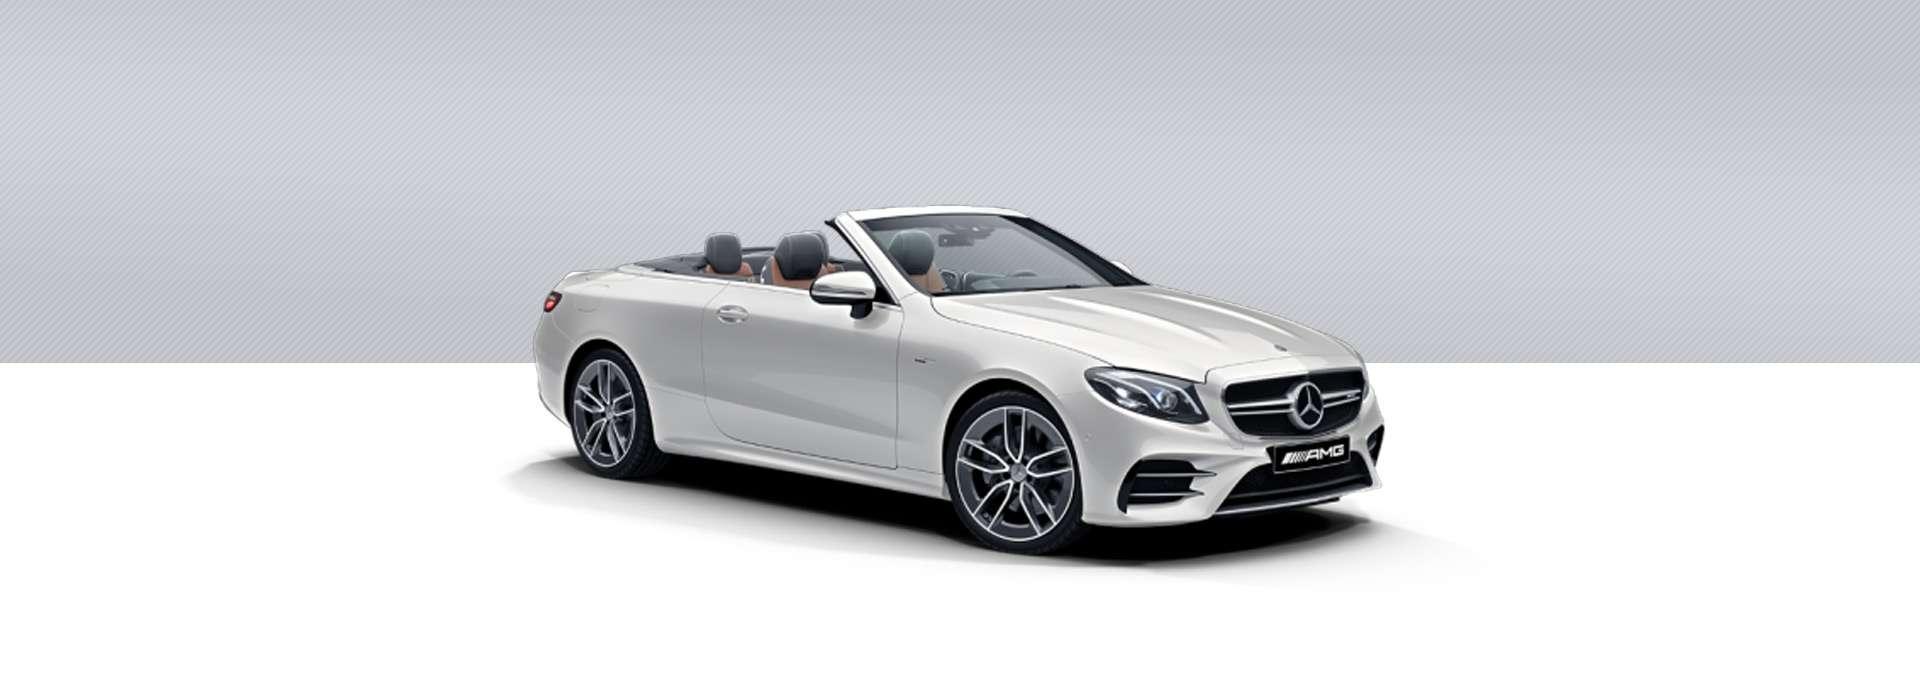 Mercedes Benz AMG CLASE E CABRIO